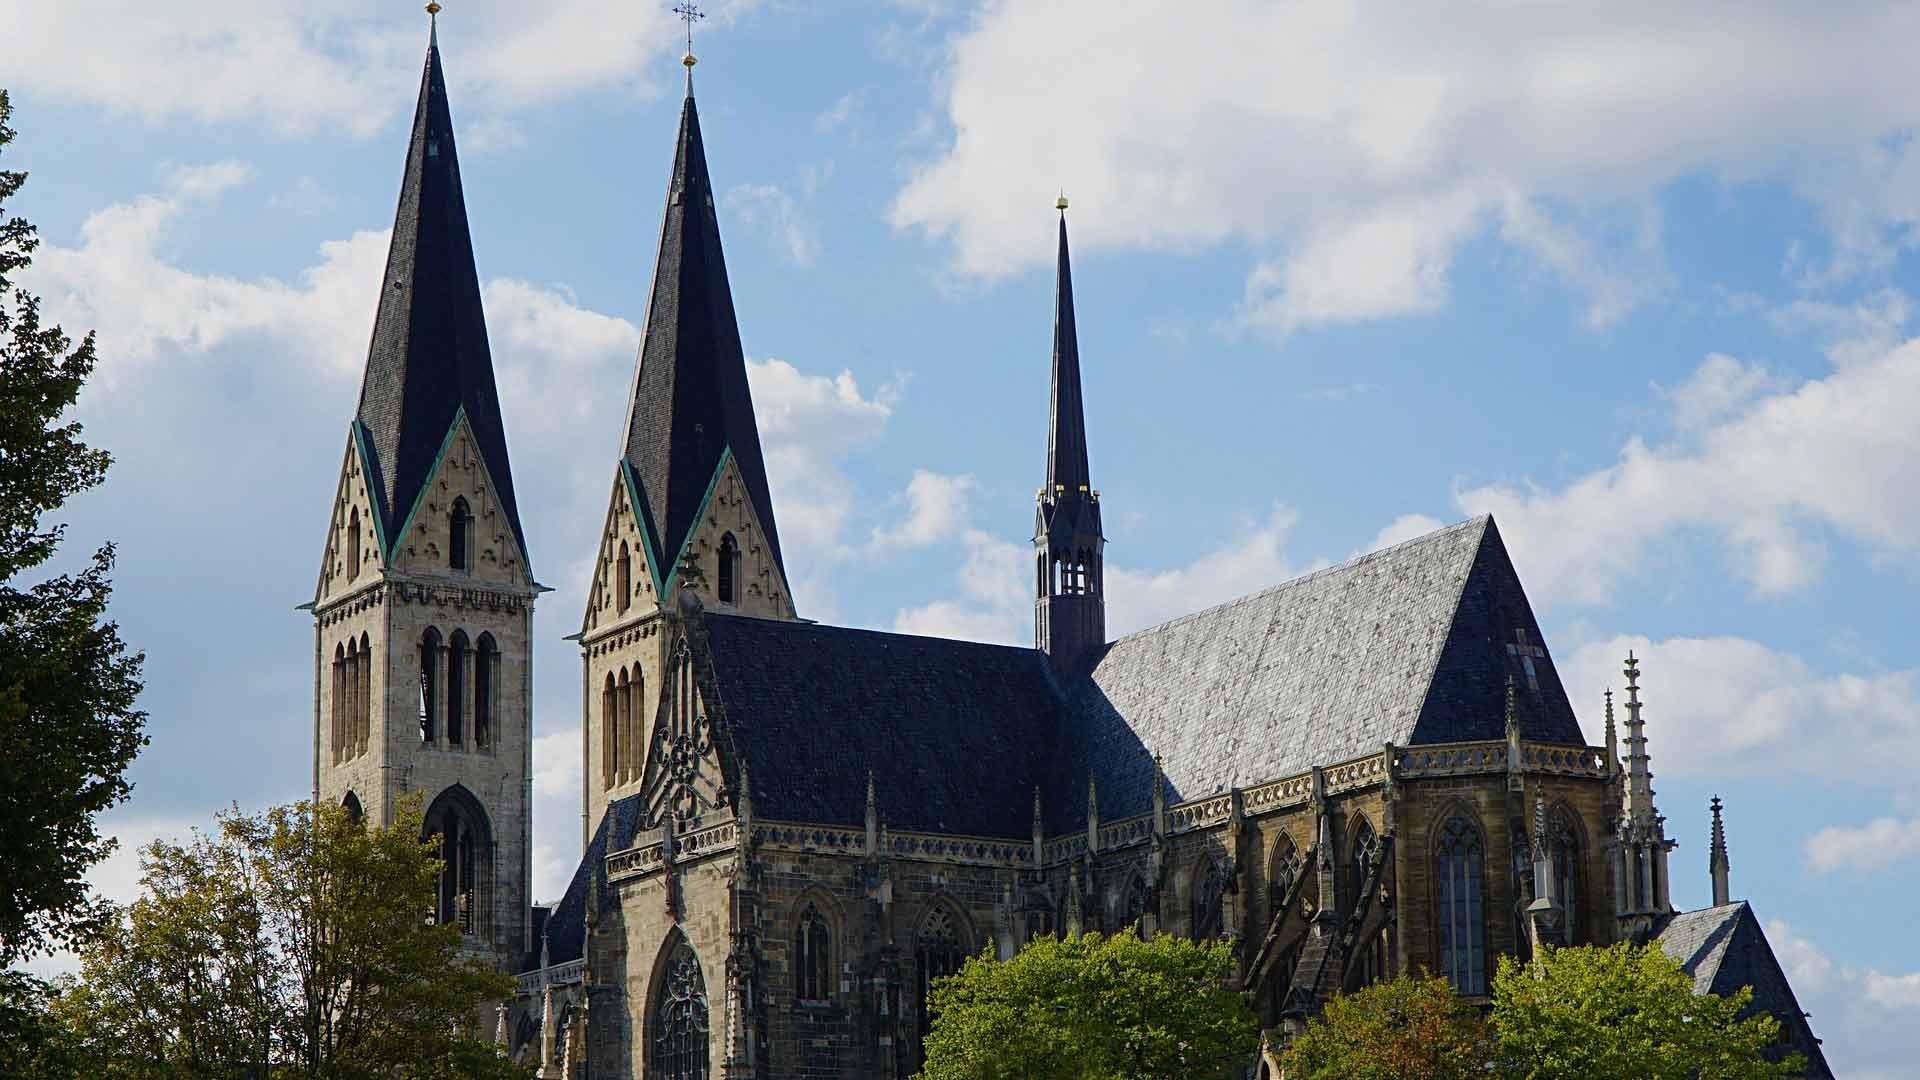 De imposante gotische dom van Halberstadt.